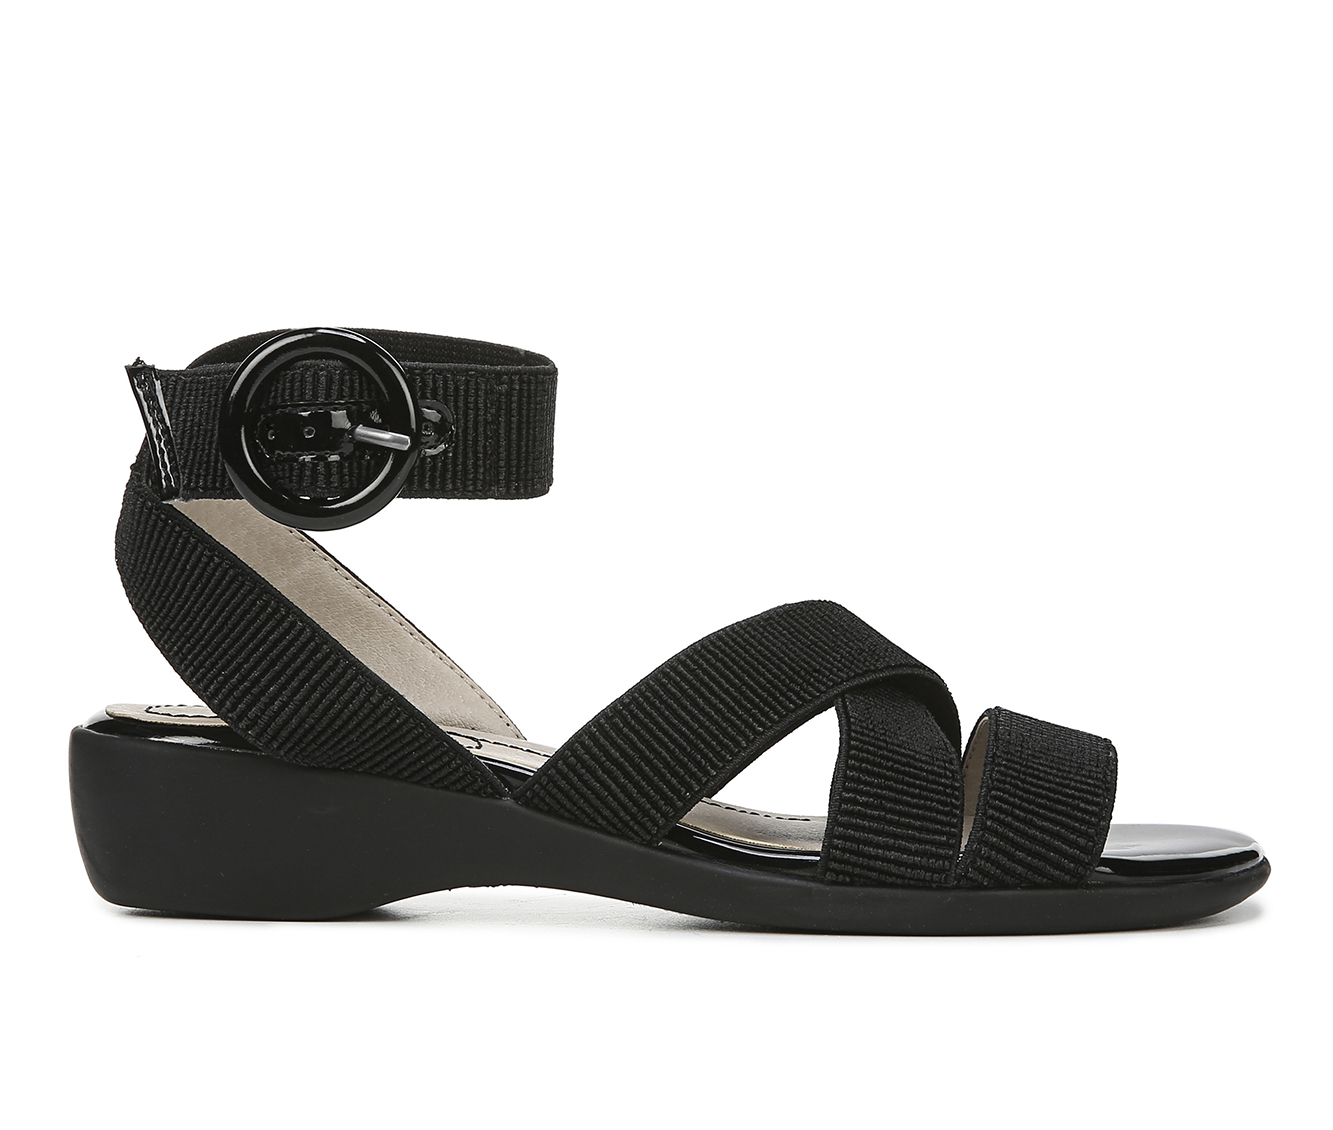 LifeStride Temple Women's Sandal (Black Faux Leather)